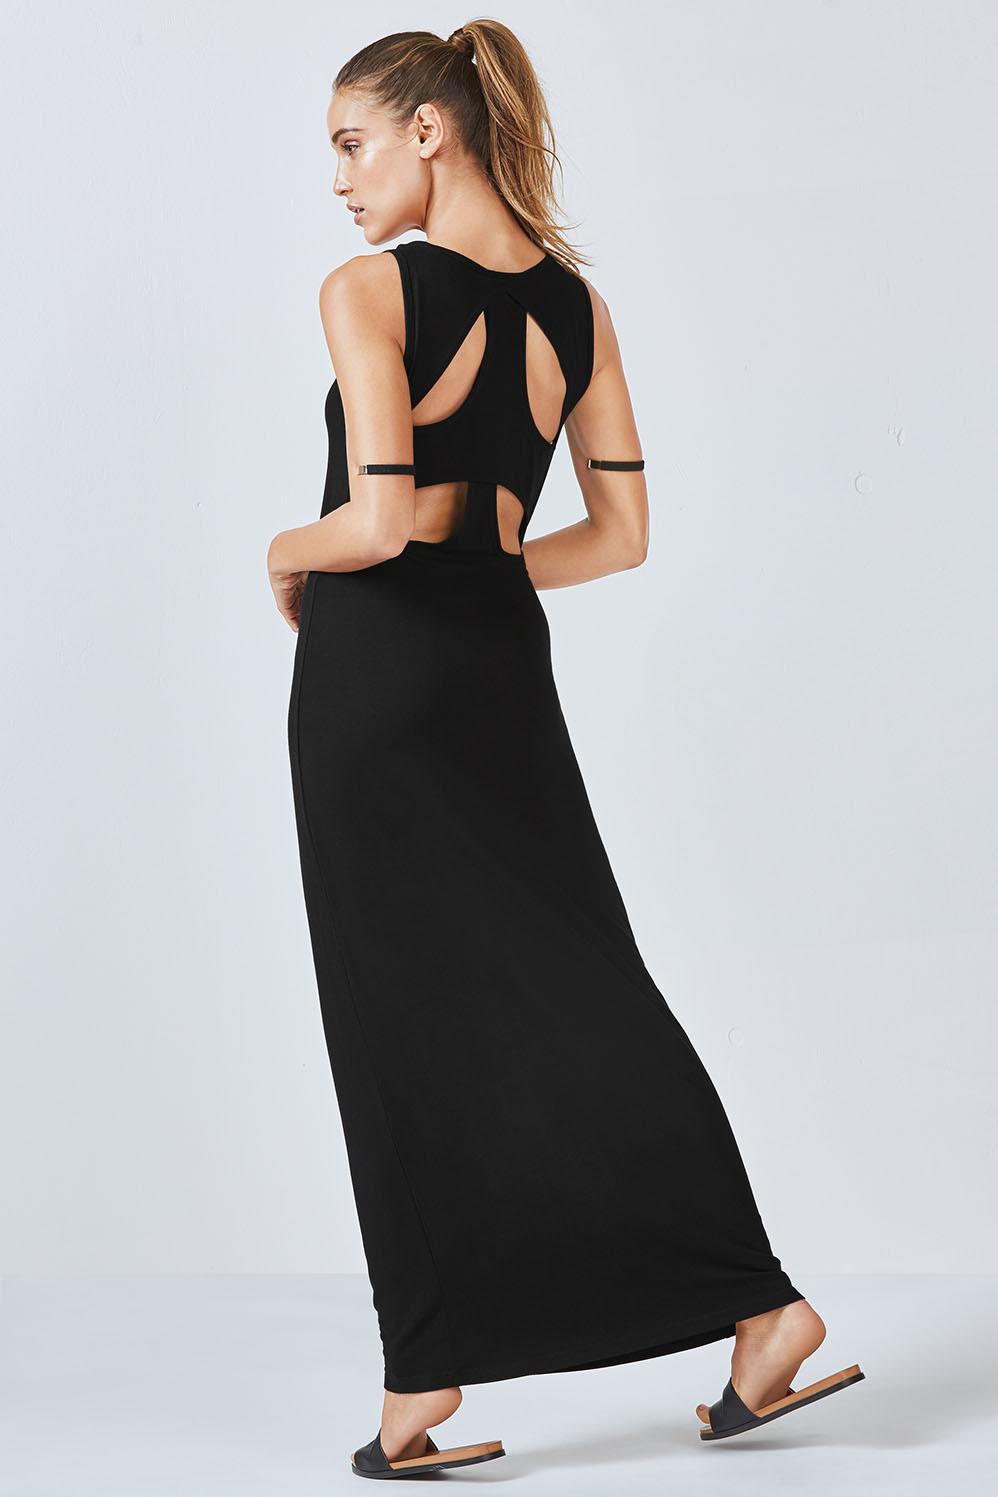 bda8fa6fb2c Claudia Maxi Dress - Fabletics